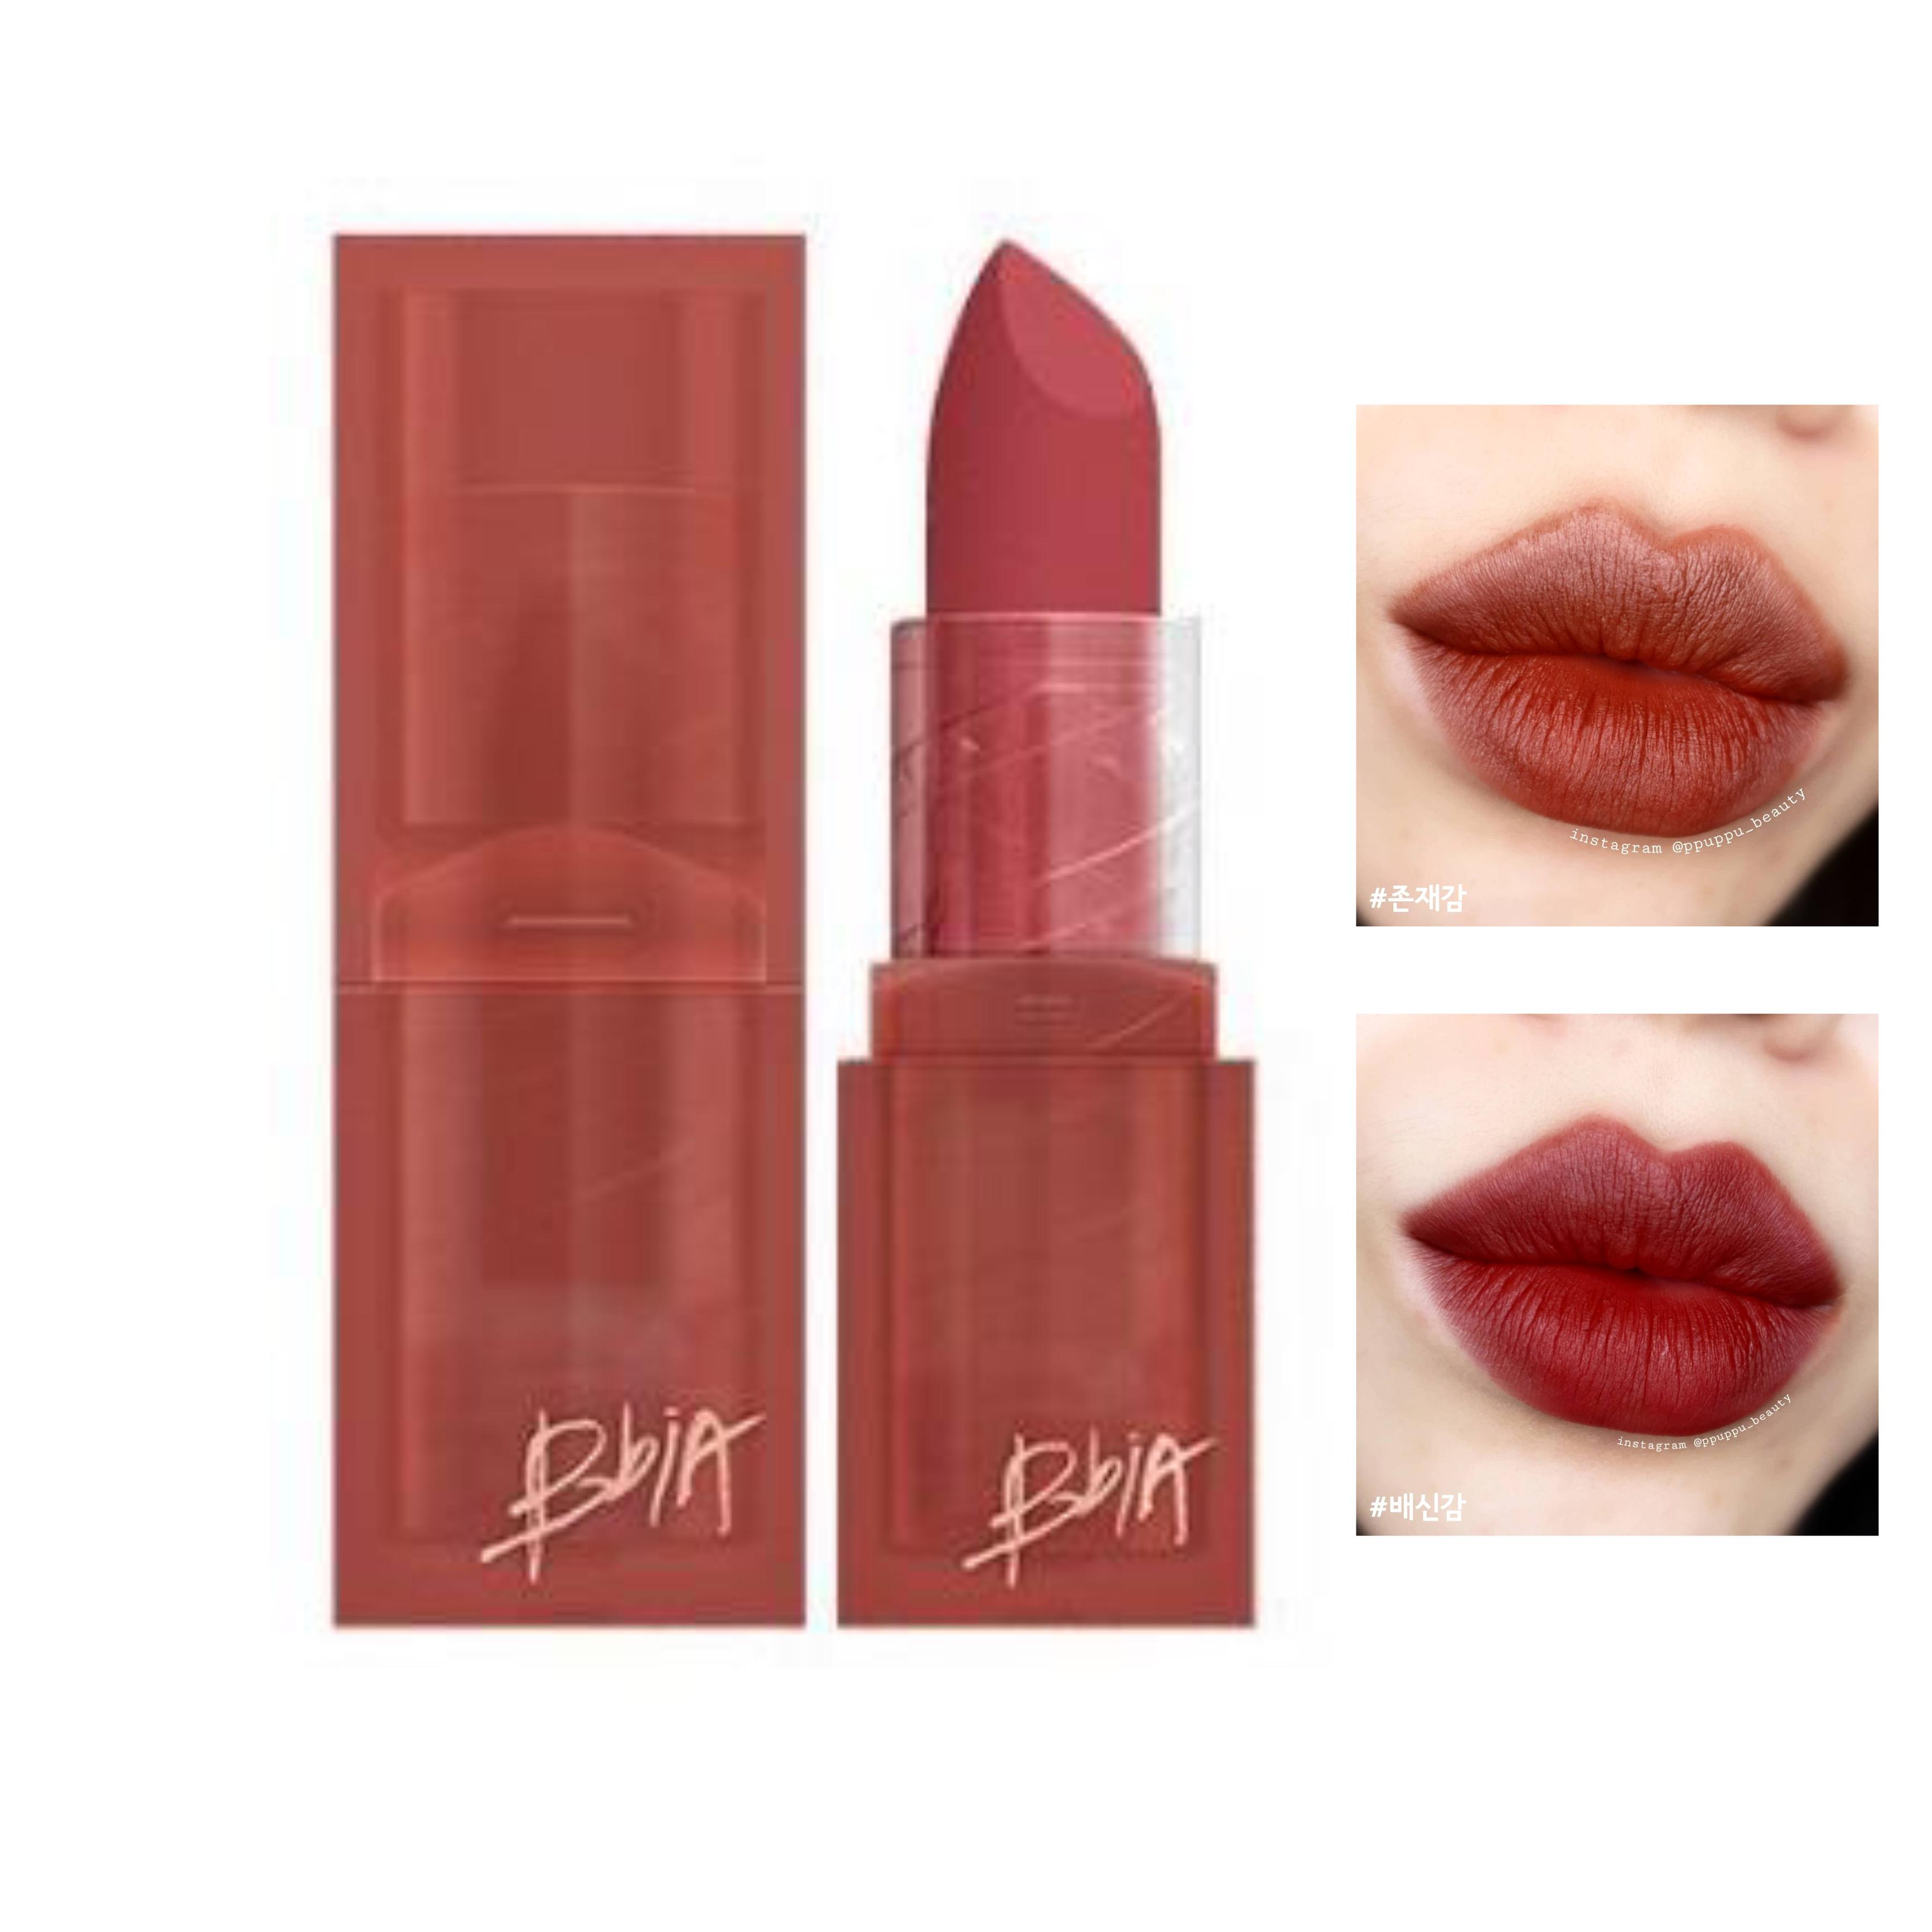 Son Bbia Last Powder Lipstick